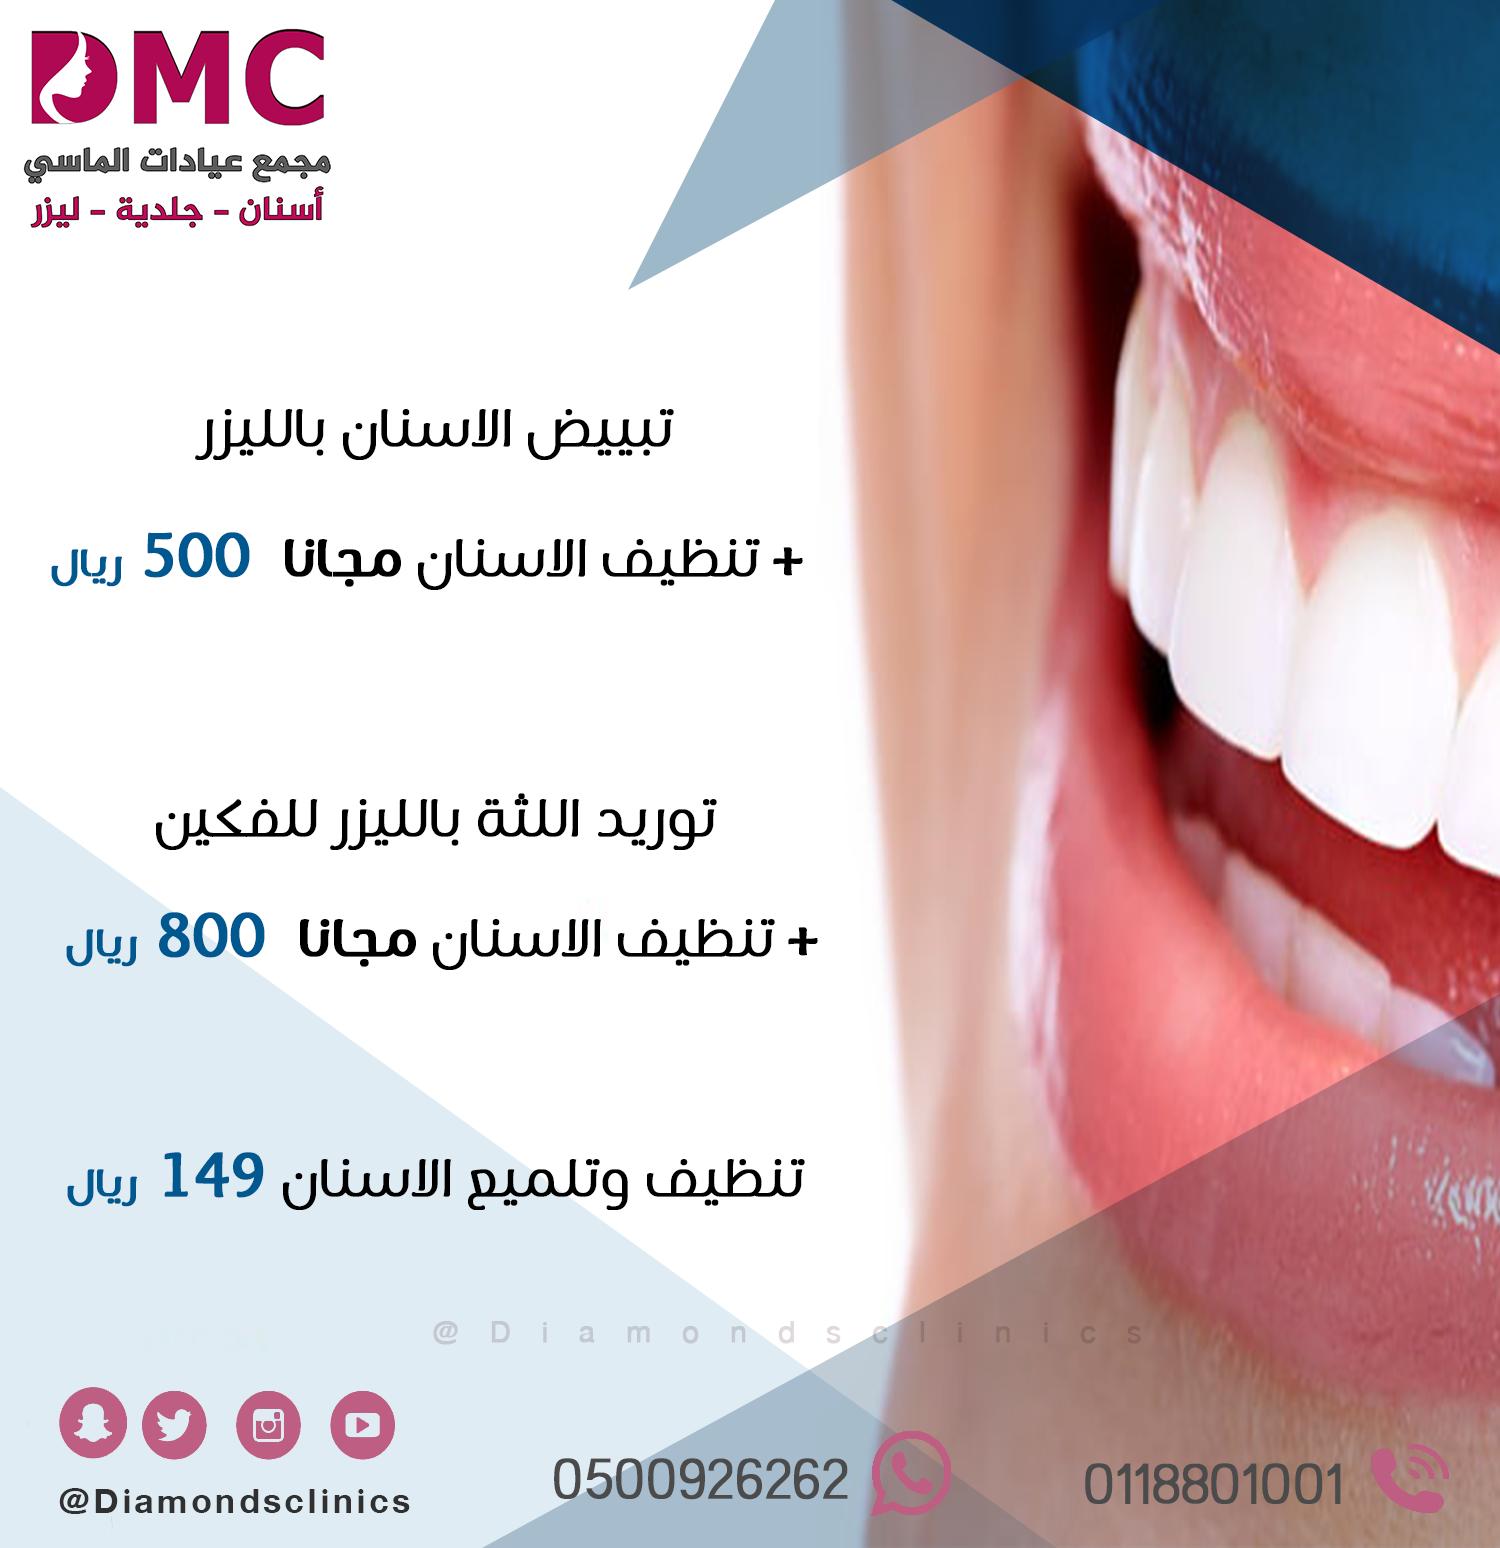 تبييض الاسنان بالليزر تنظيف الاسنان مجانا 500 ريال توريد اللثة بالليزر للفكين تنظيف الاسنان مجانا 800 ريال تنظيف وتلميع الاسنان 149 ري Dental Jus Obi